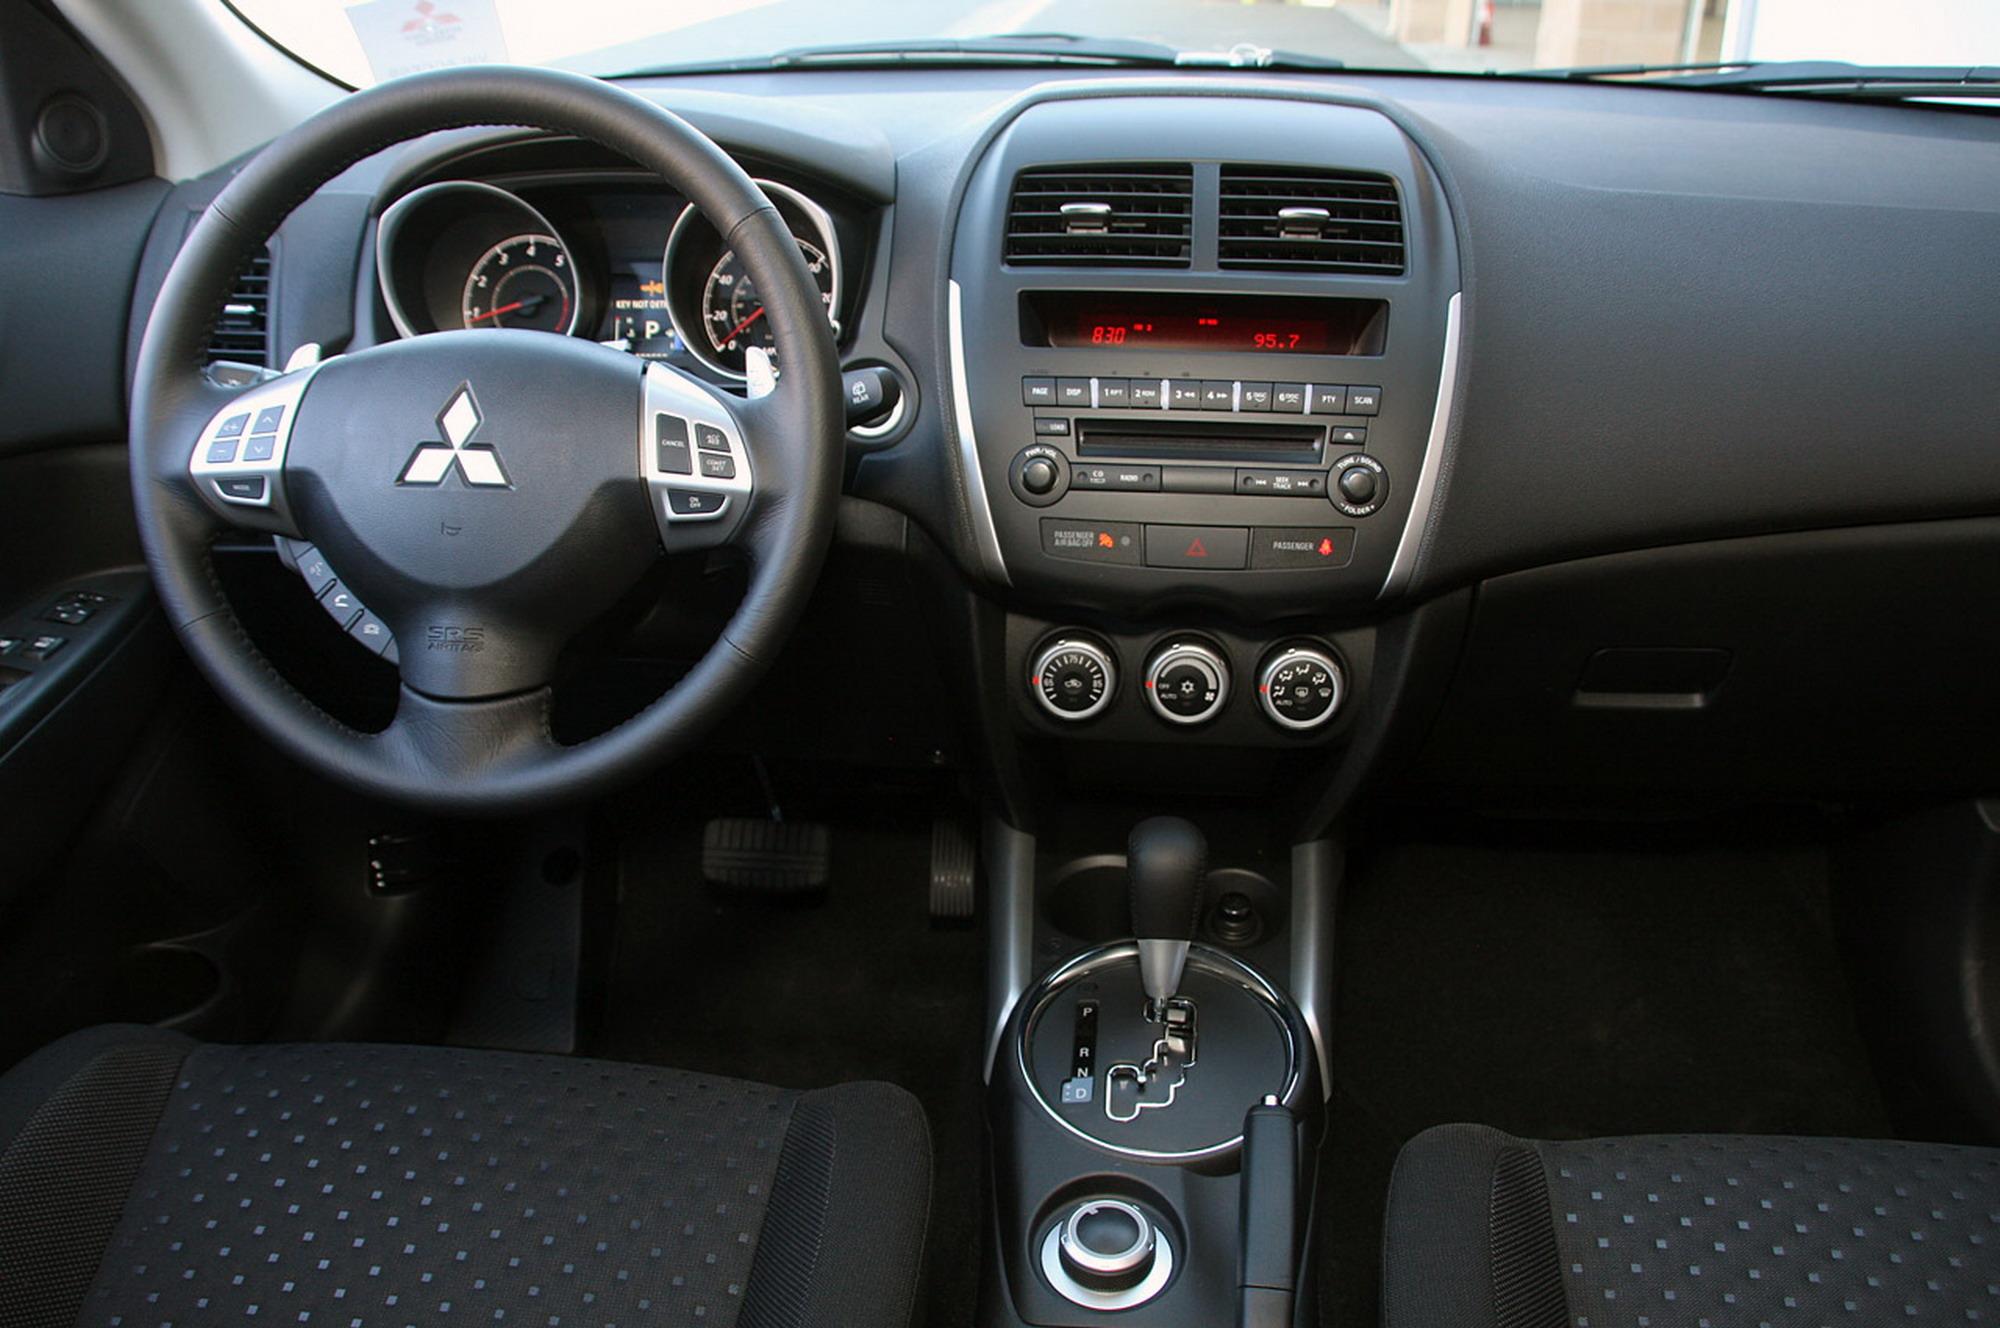 2013 mitsubishi outlander interior view 2013 mitsubishi outlander - Mitsubishi Outlander Interior